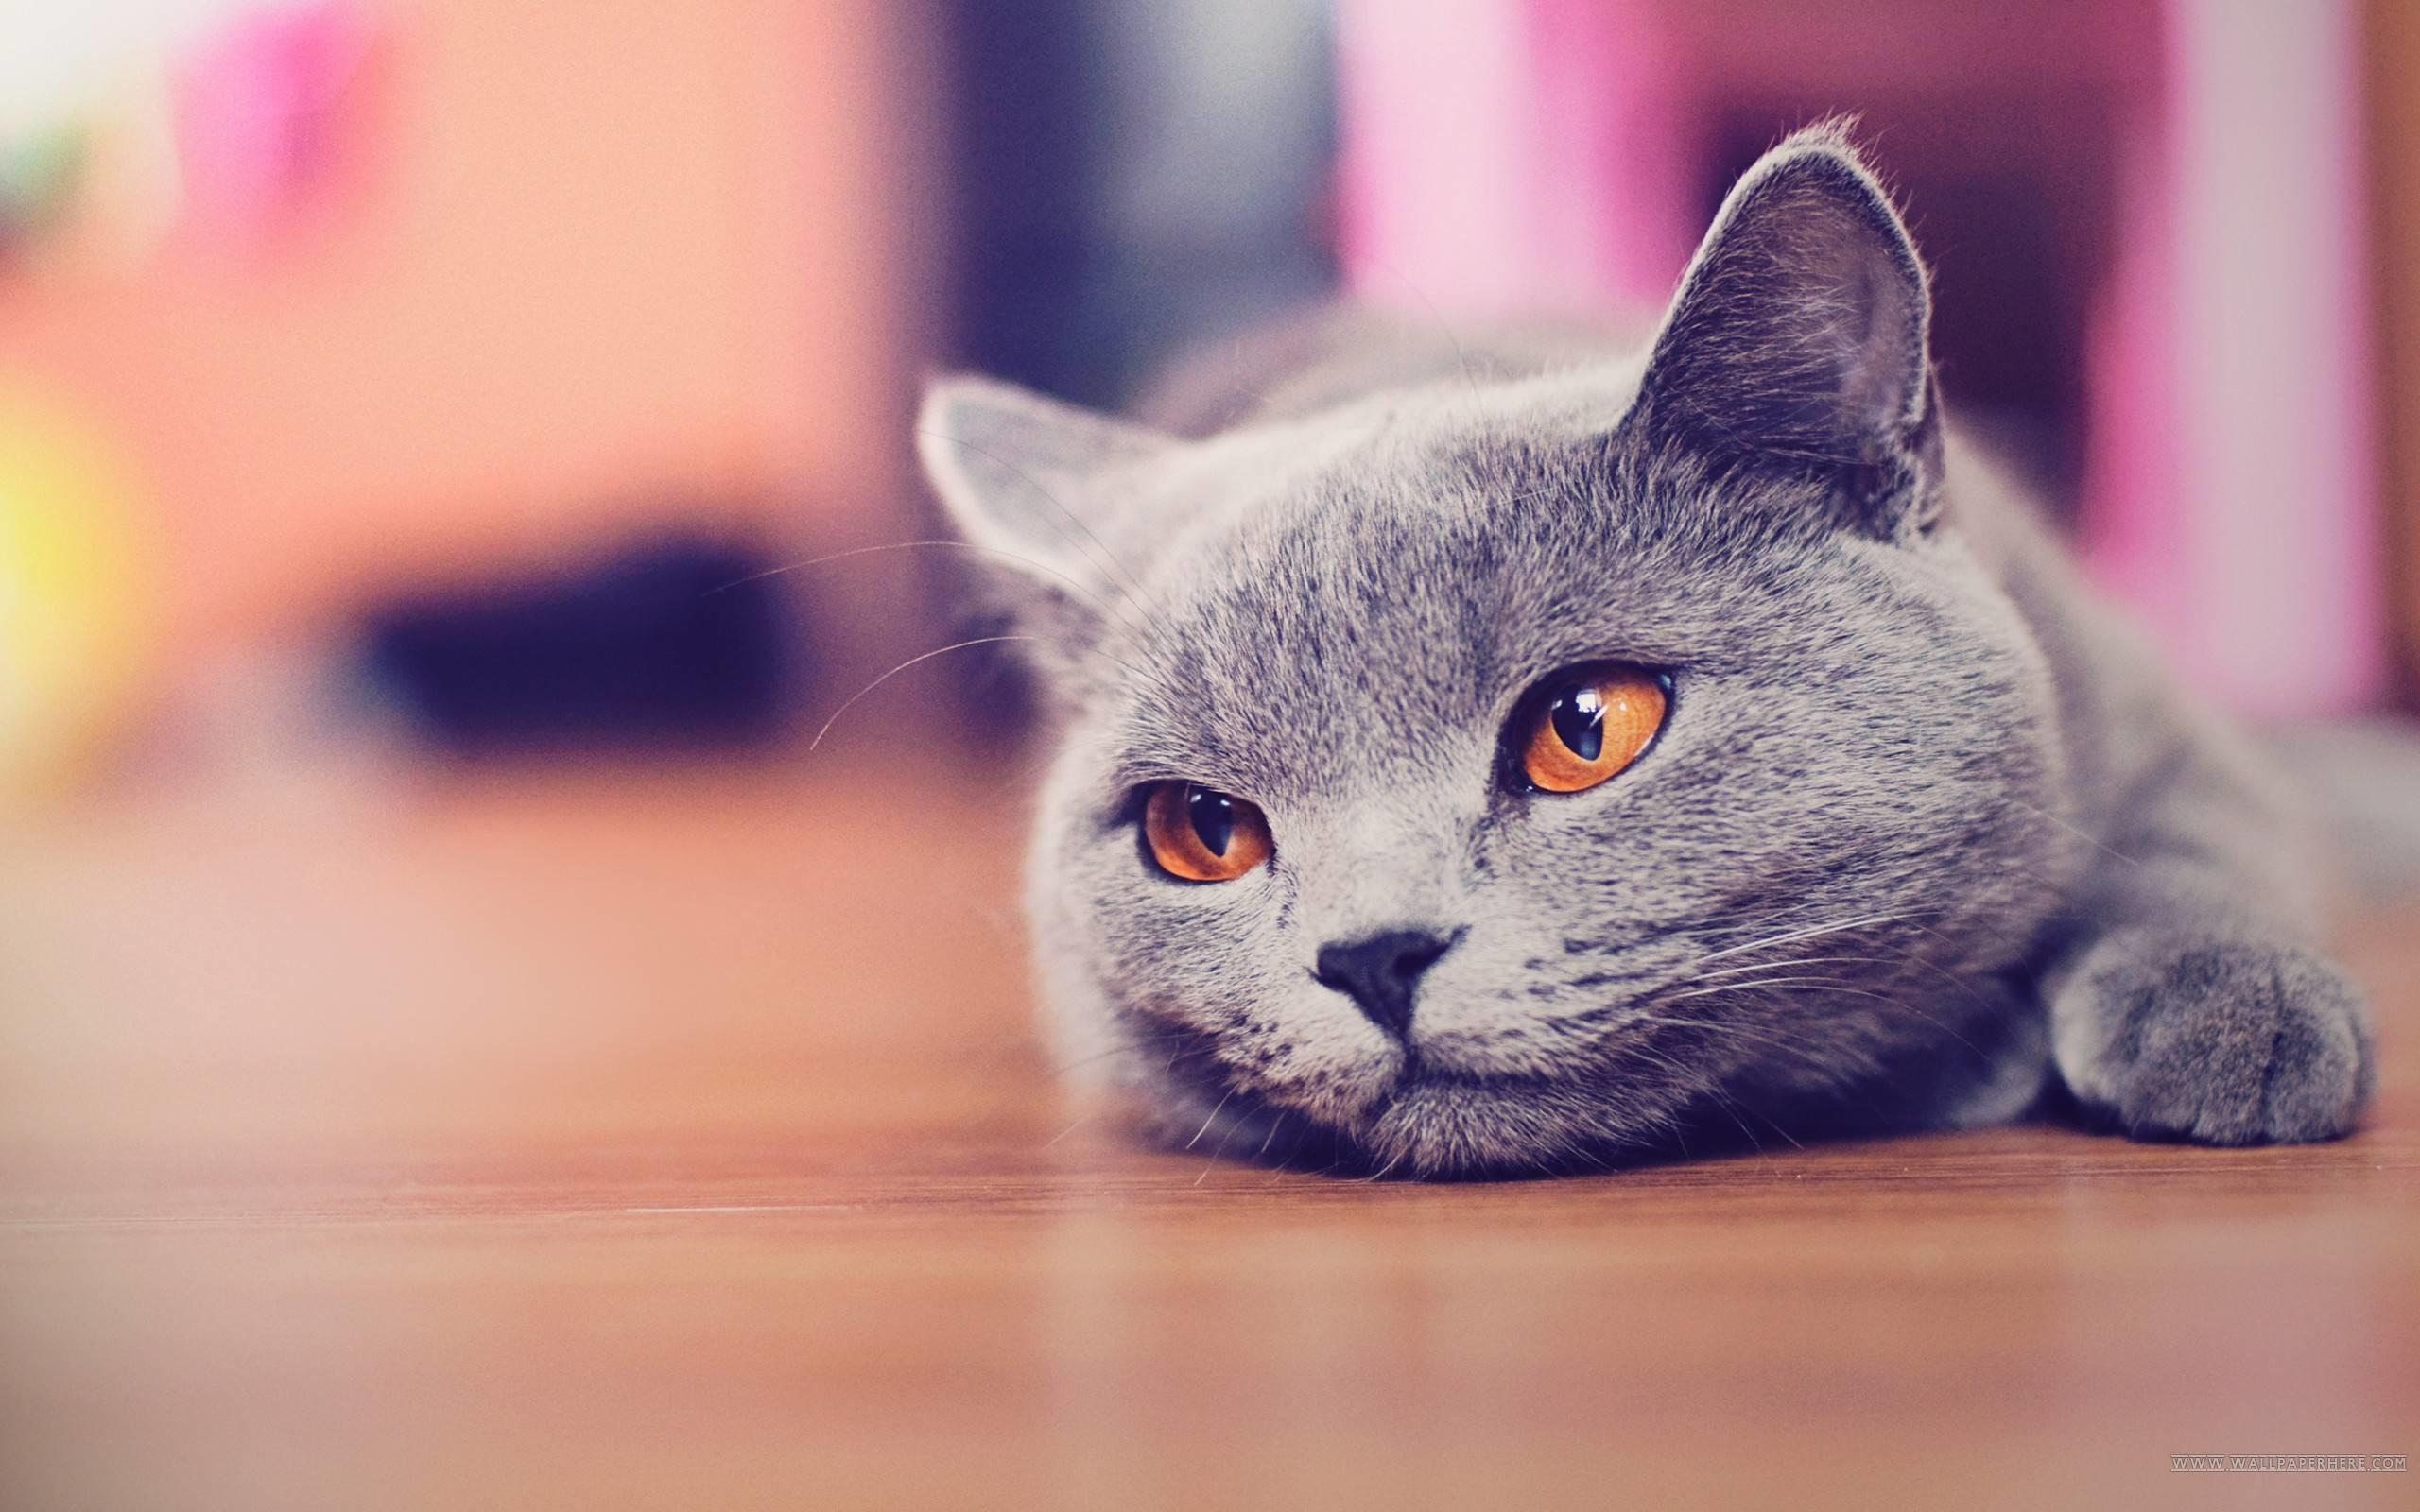 Res: 2560x1600, Cat Desktop Wallpaper Full Hd Cool 3d Cute Fluffy For Computer Pics